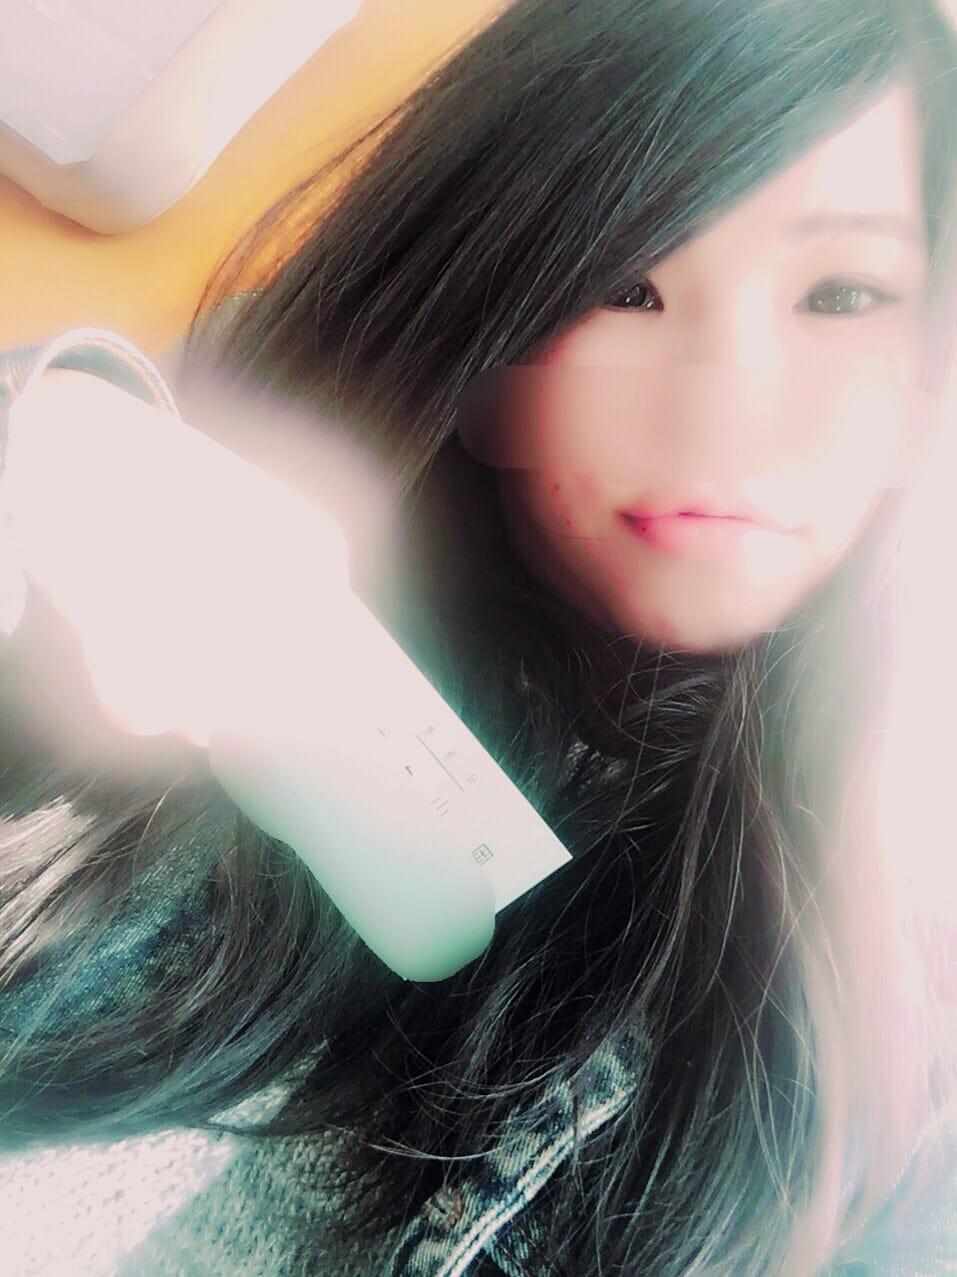 「Σ(。。)」10/28(10/28) 13:42 | くう☆清楚系お姉さま☆の写メ・風俗動画